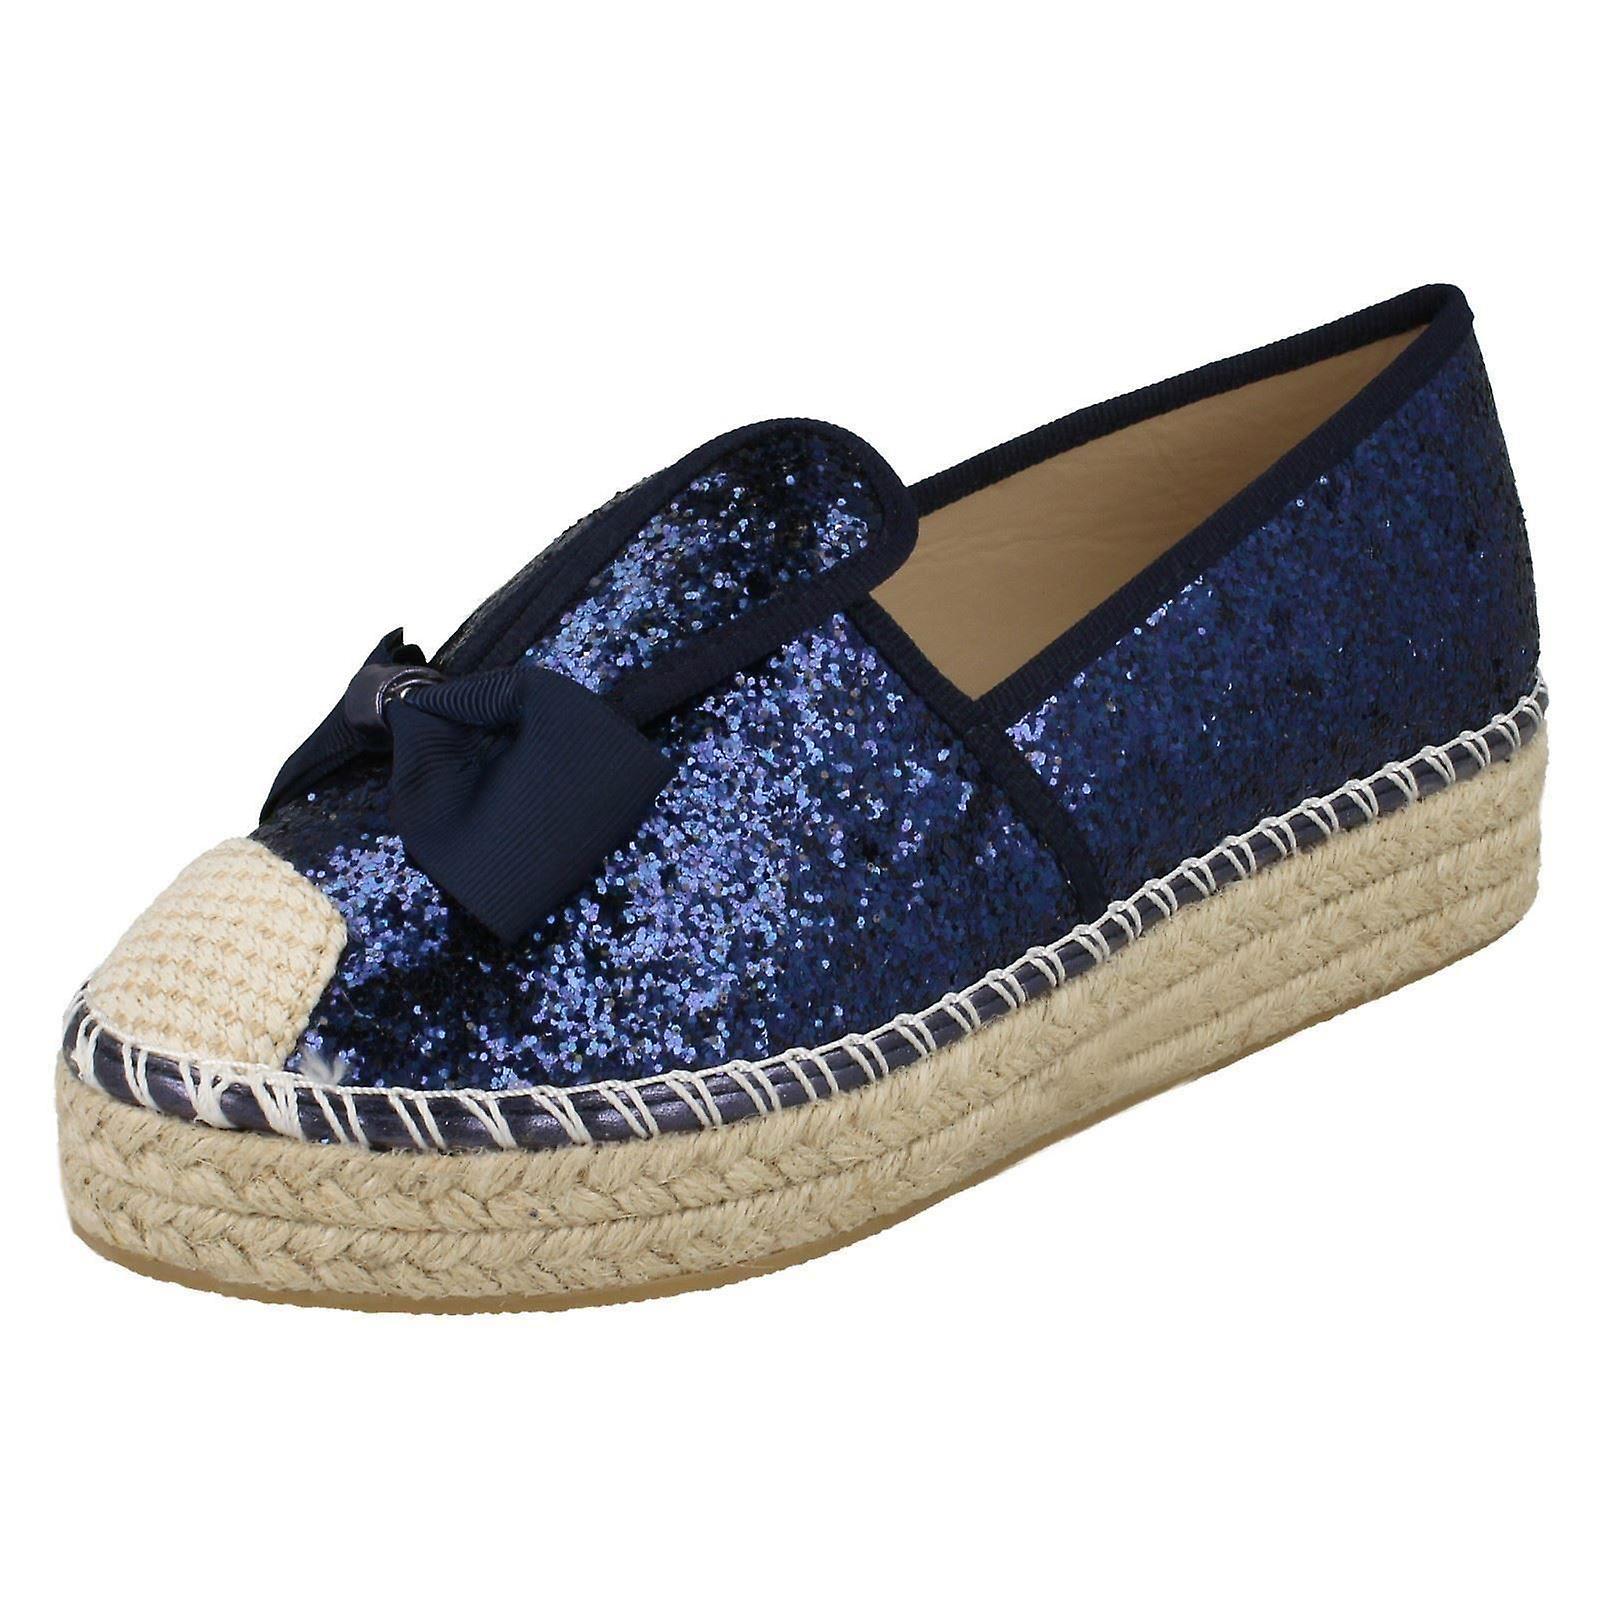 Ladies Canvas Espadrilles Shoes Summer Flat Pumps Plimsoles Sandals UK Sizes 3-8